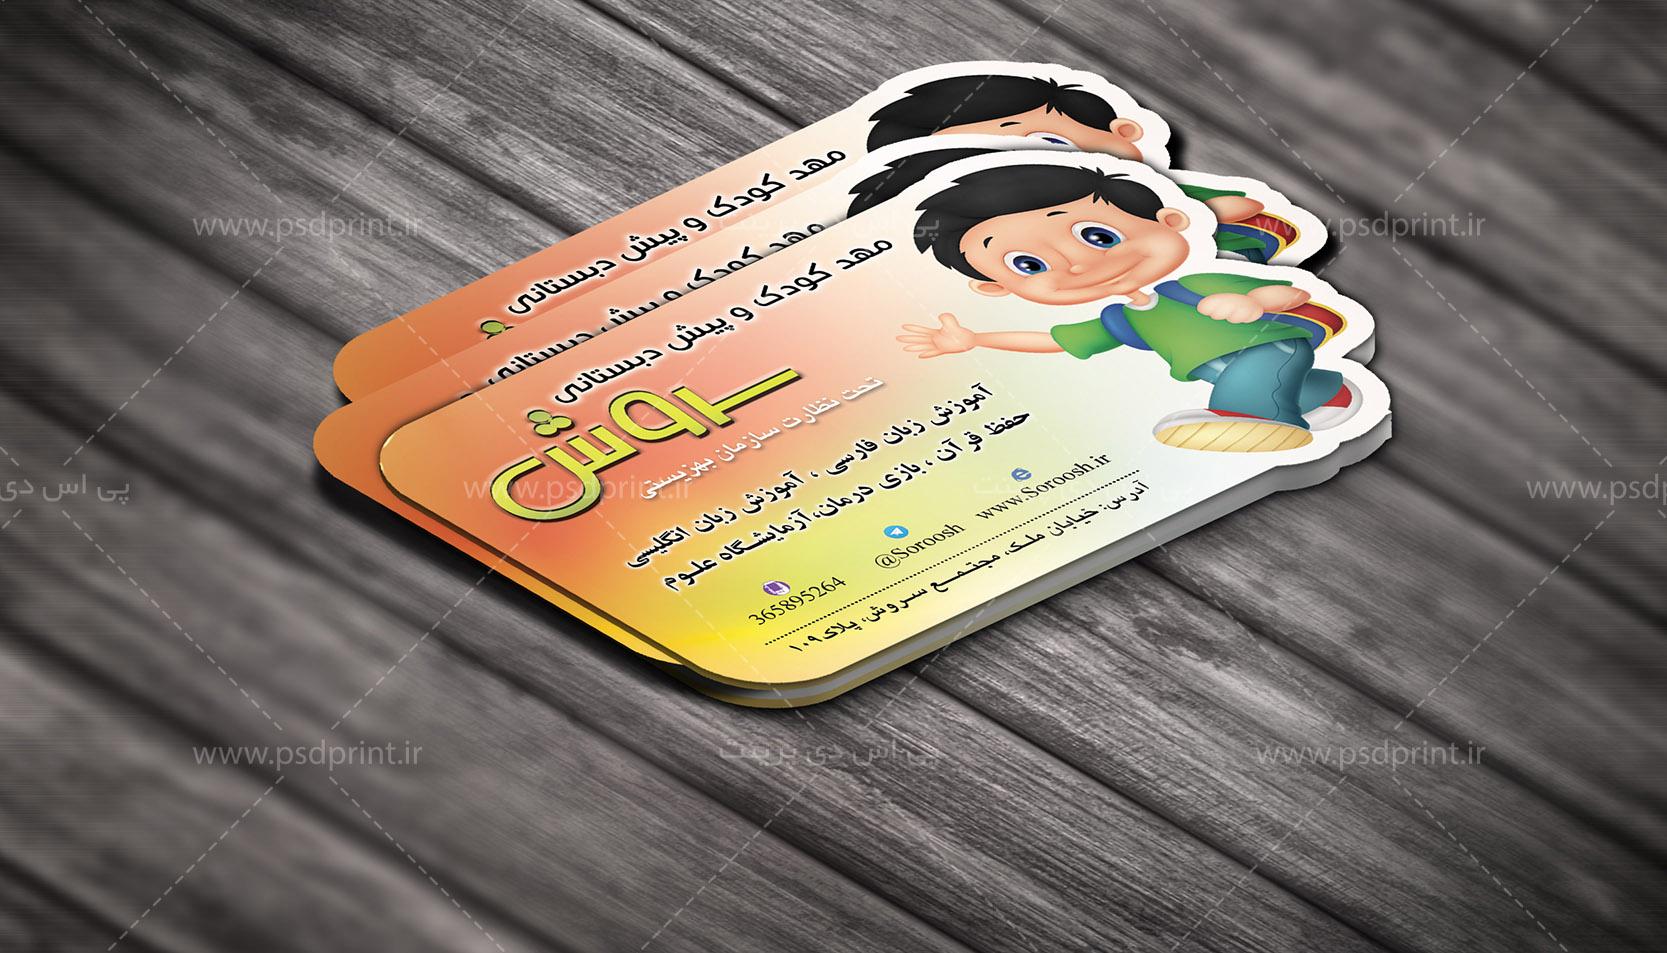 کارت ویزیت لایه باز مهد کودک و پیش دبستانی